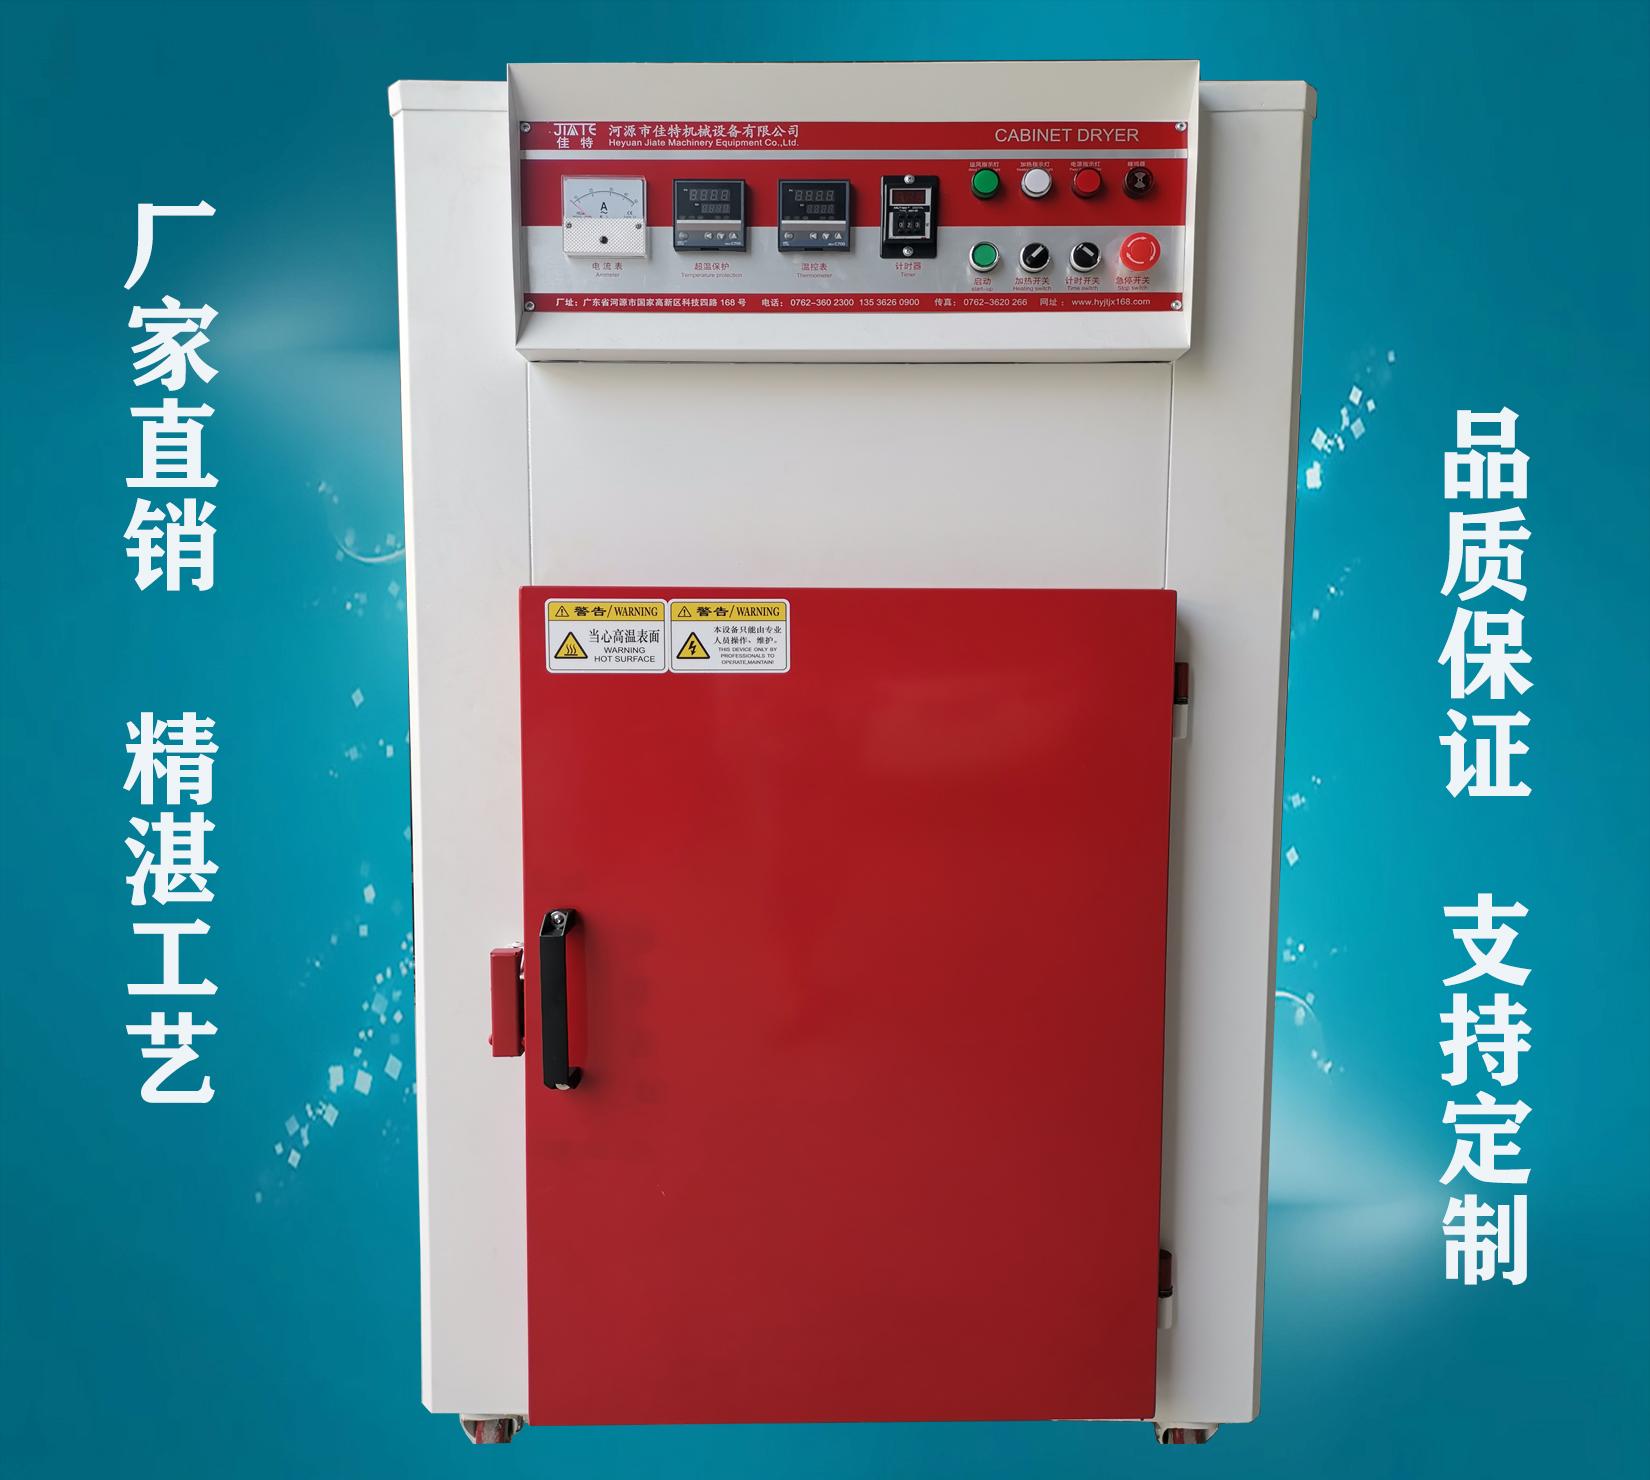 厂家制造工业bob客户端下载地址 6层大容量烘箱 五金电子元件